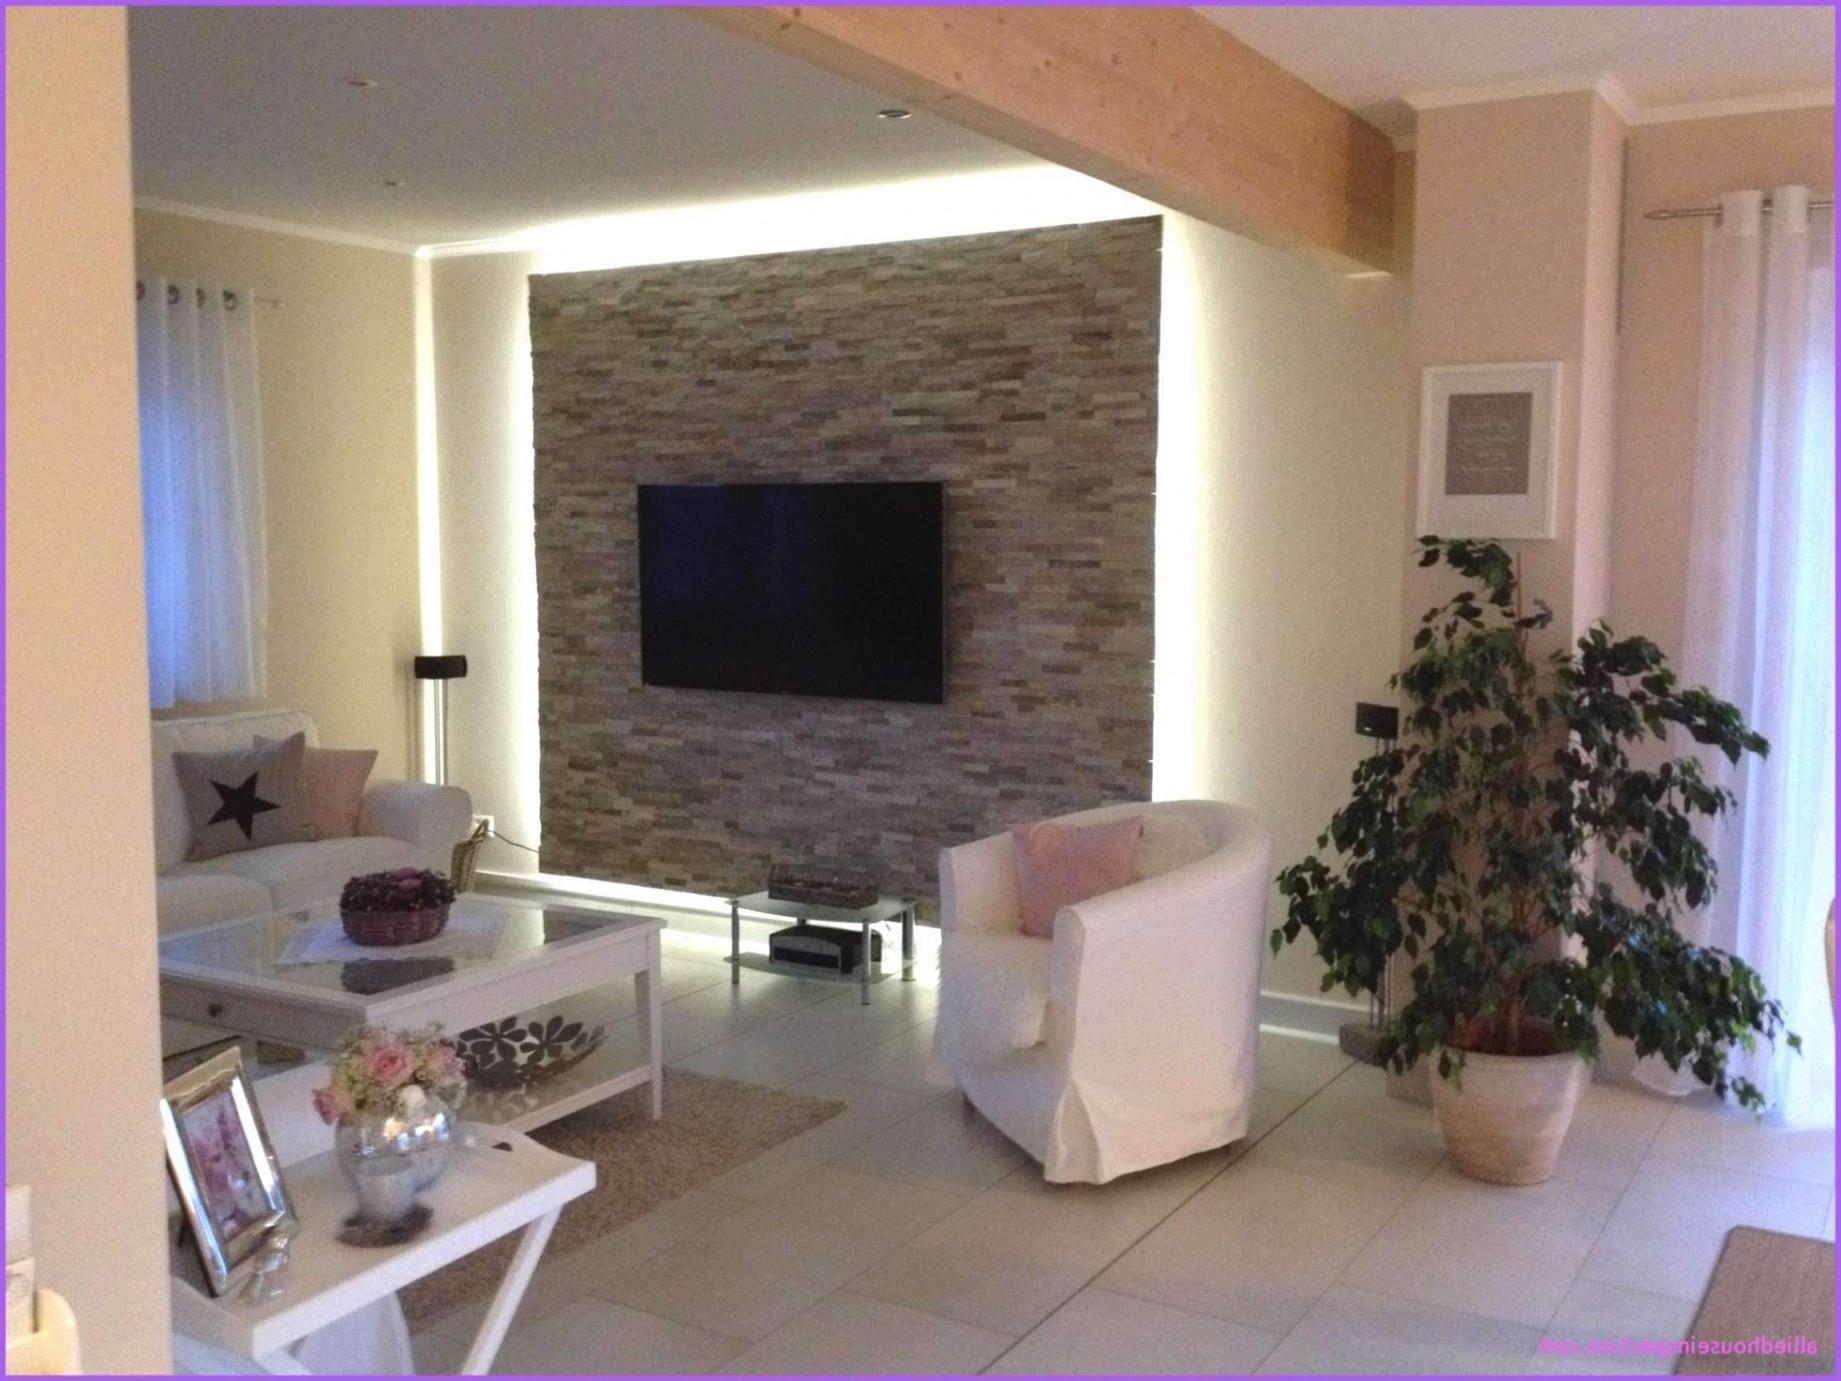 Steinwand Wohnzimmer Ideen Einzigartig 25 Luxus Steinwand von Steinwand Wohnzimmer Bilder Bild